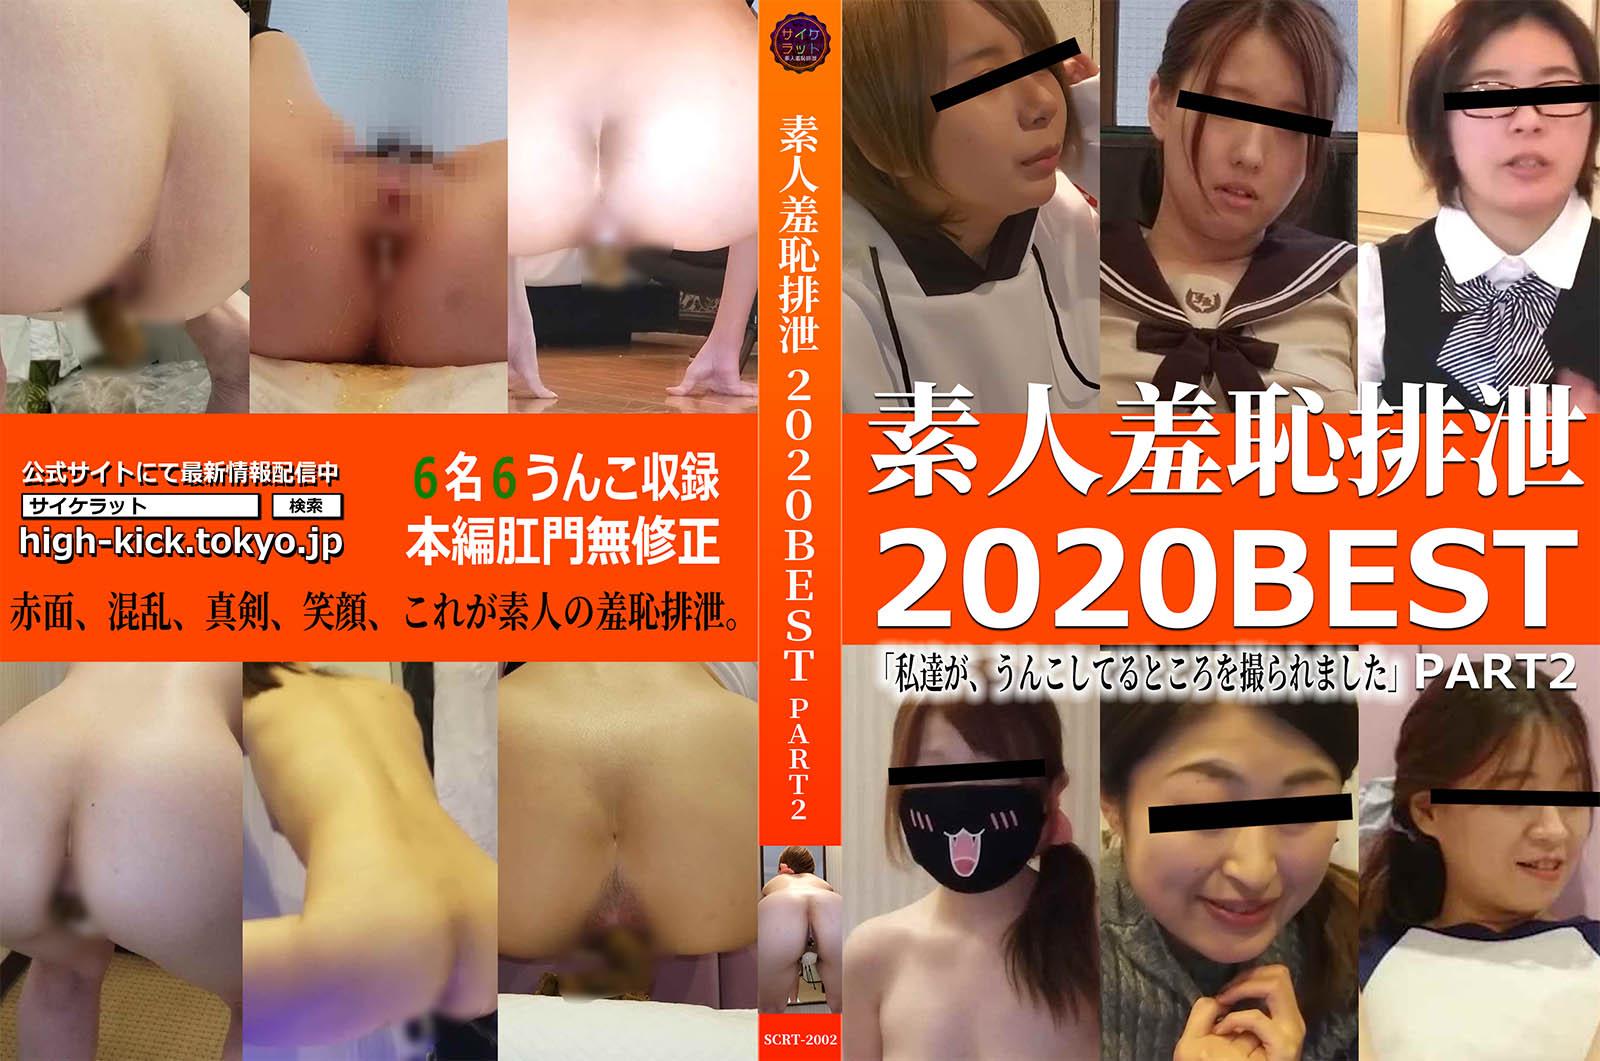 【サイケラット】素人羞恥排泄2020BEST PART2「私達が、うんこしてるところを撮られました」 【委託作品】